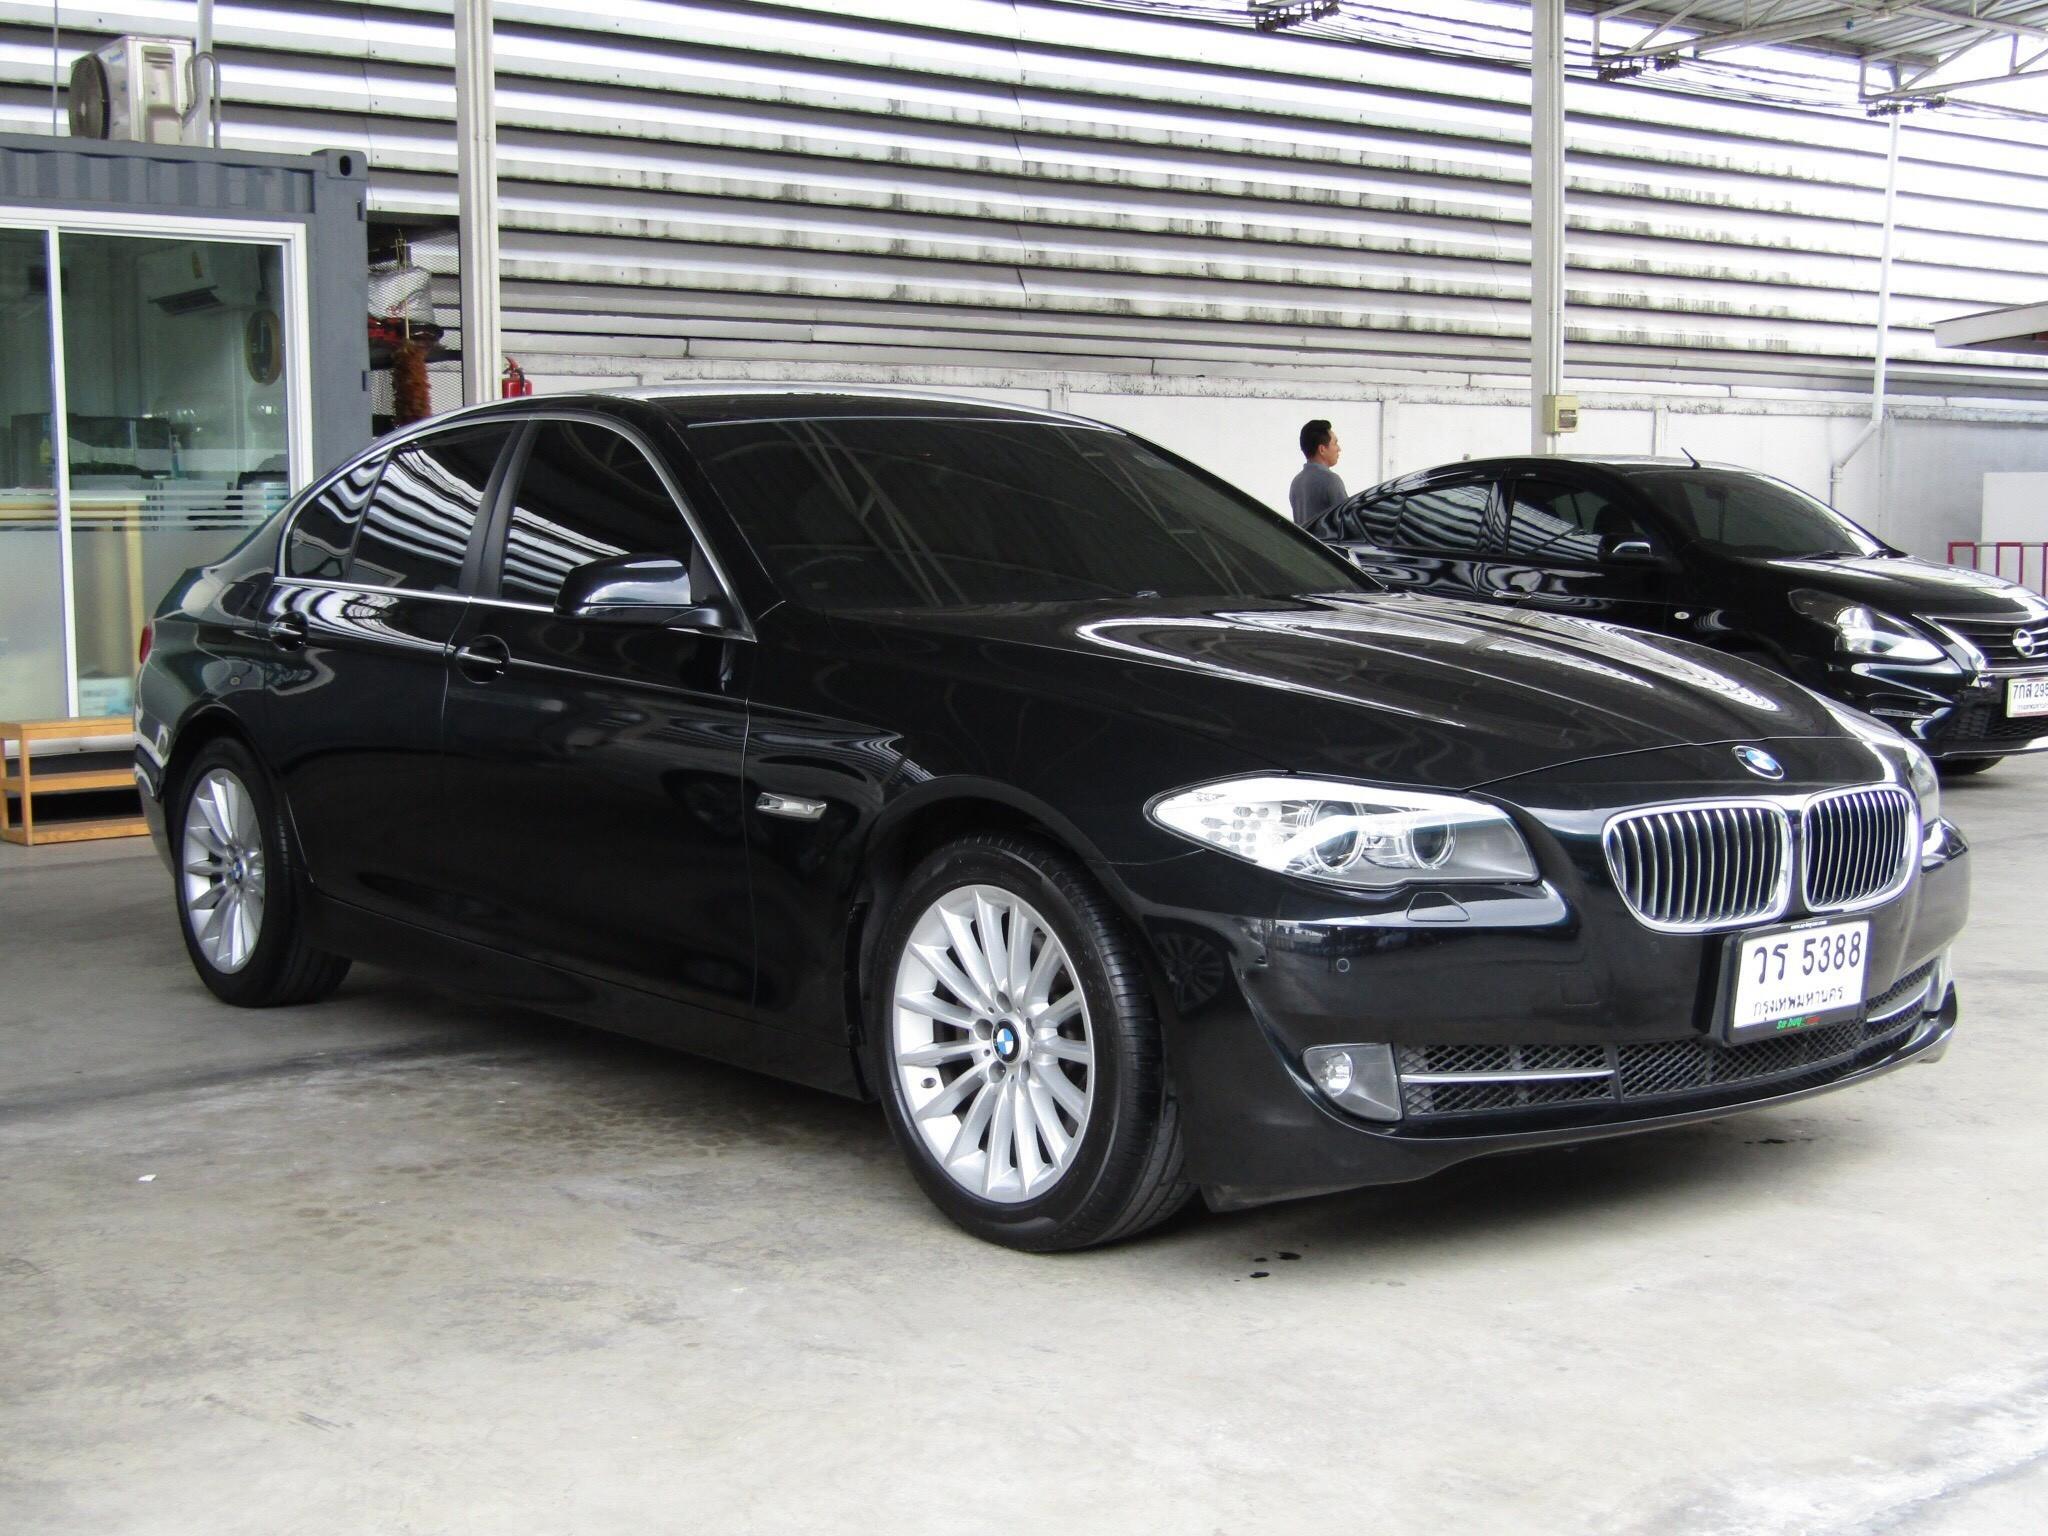 BMW 528i A (F10)